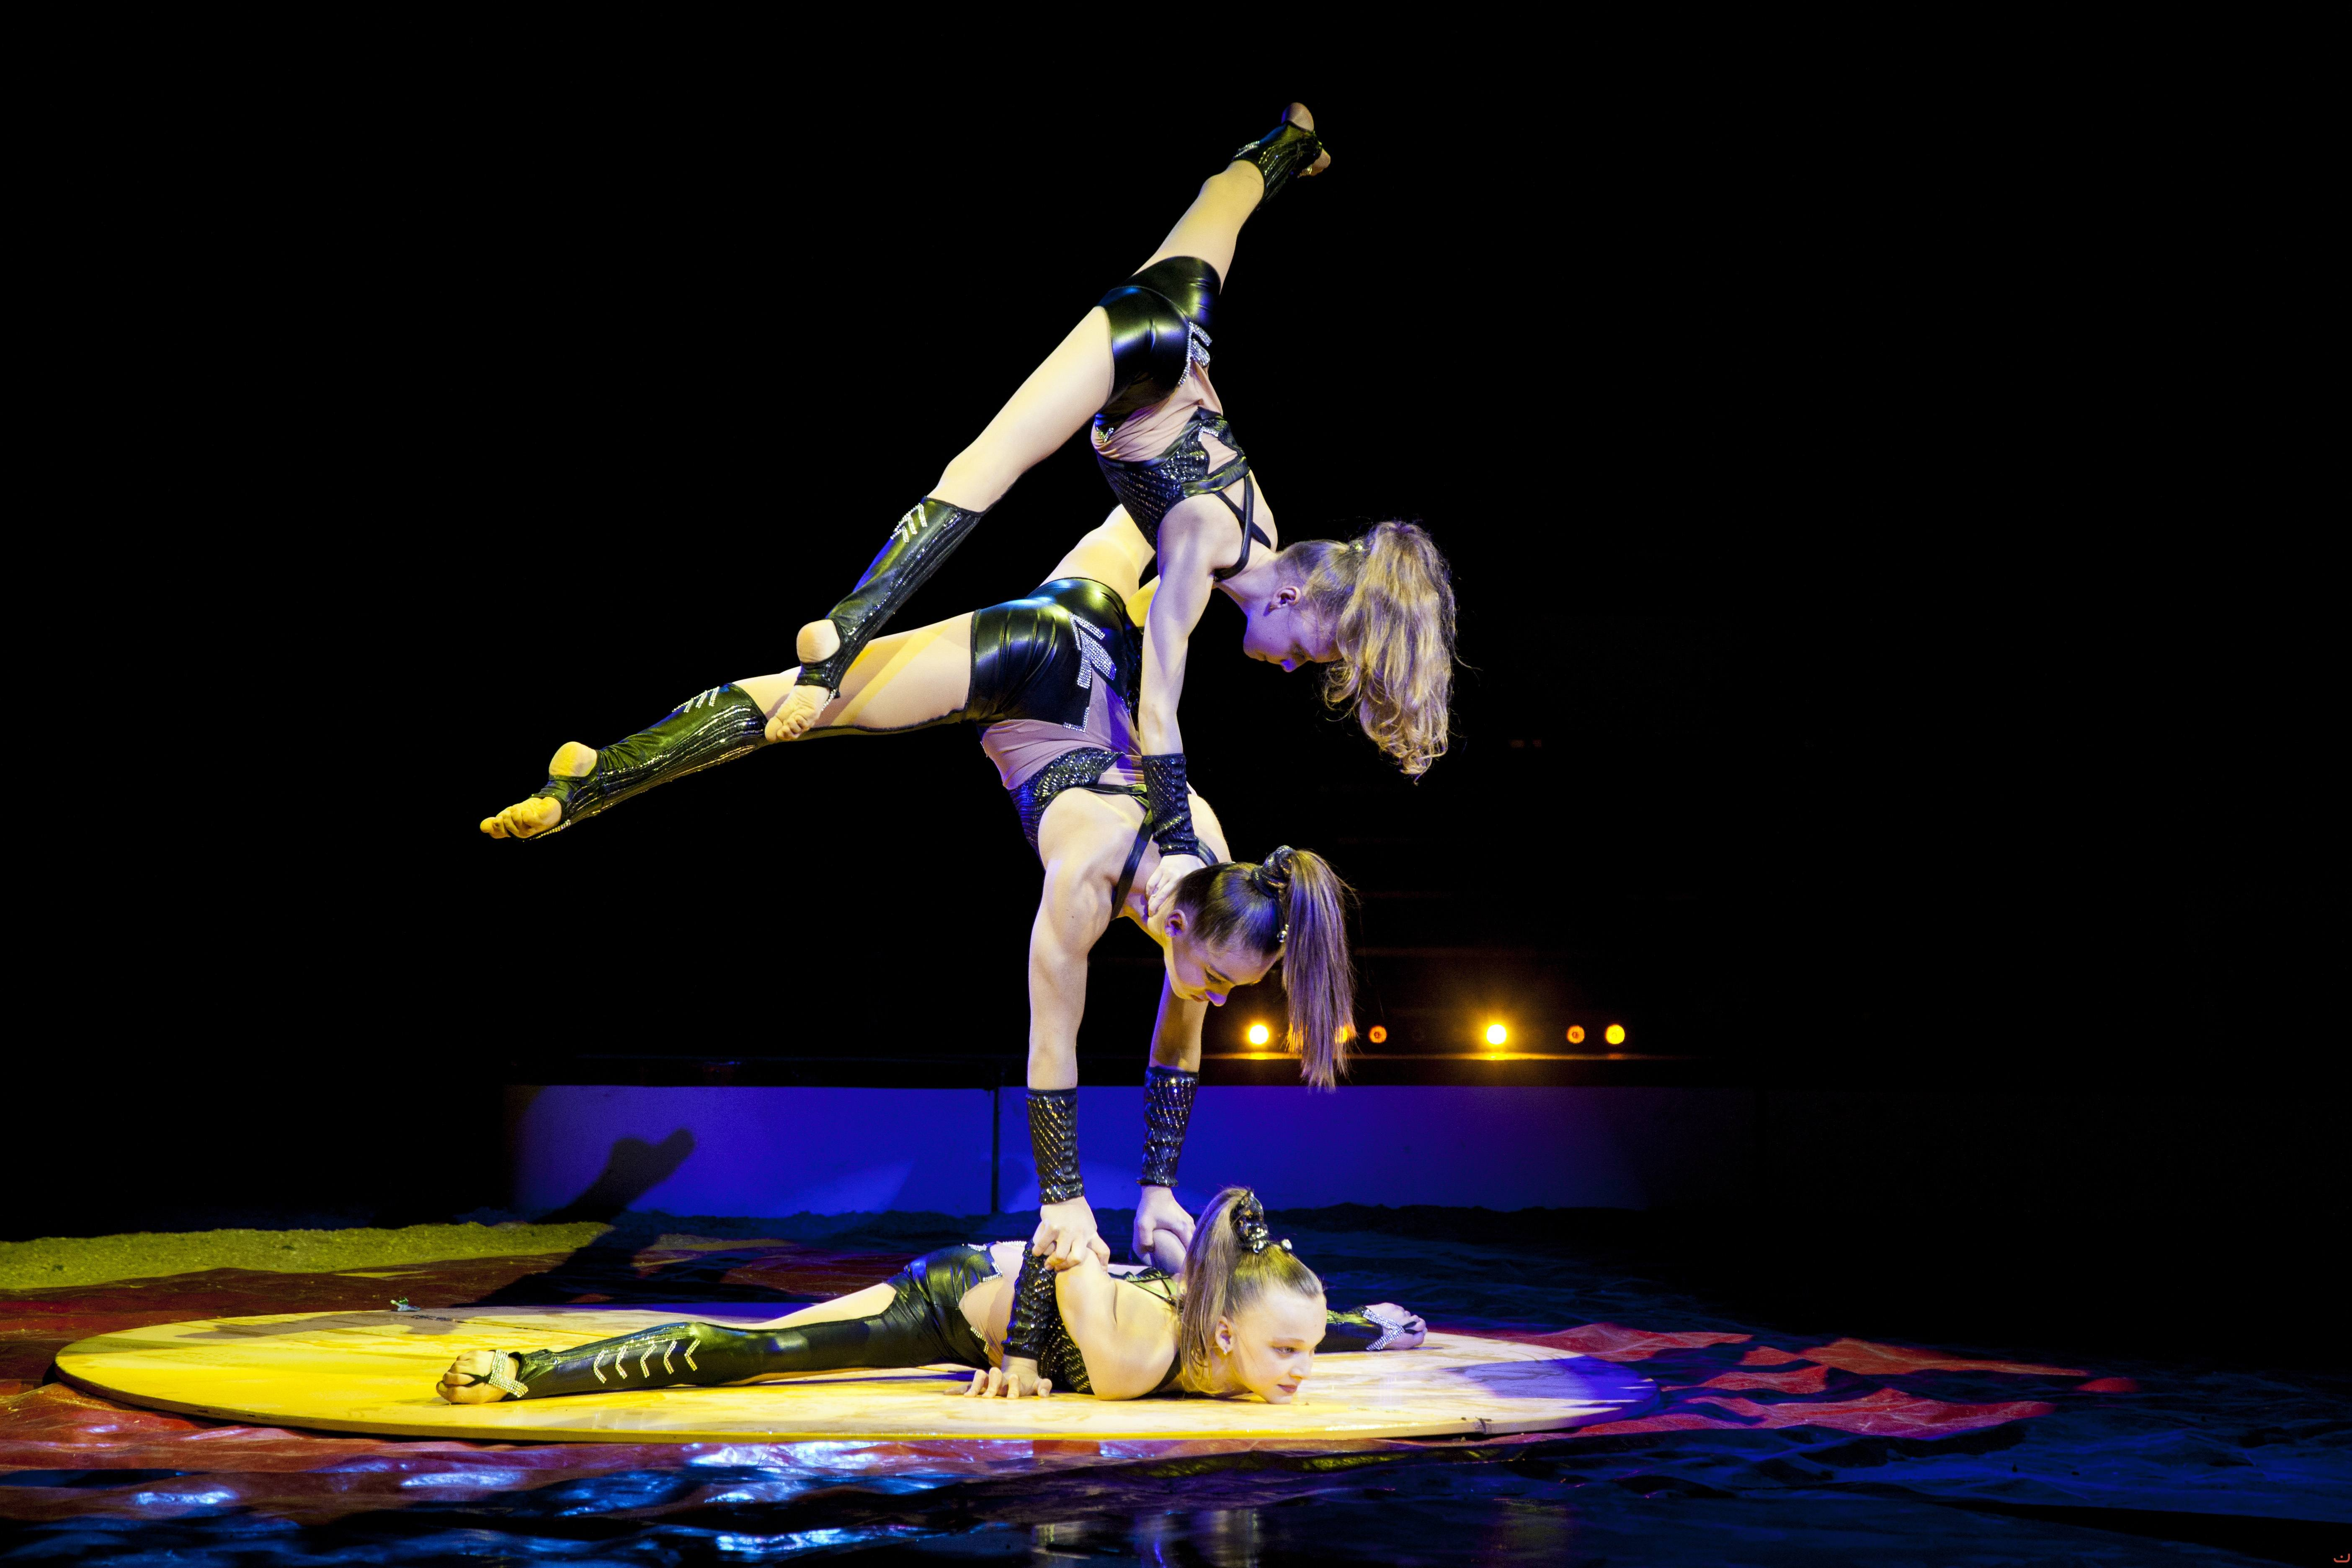 Anmeldelse: Vild med cirkus!, Cirkus Arena